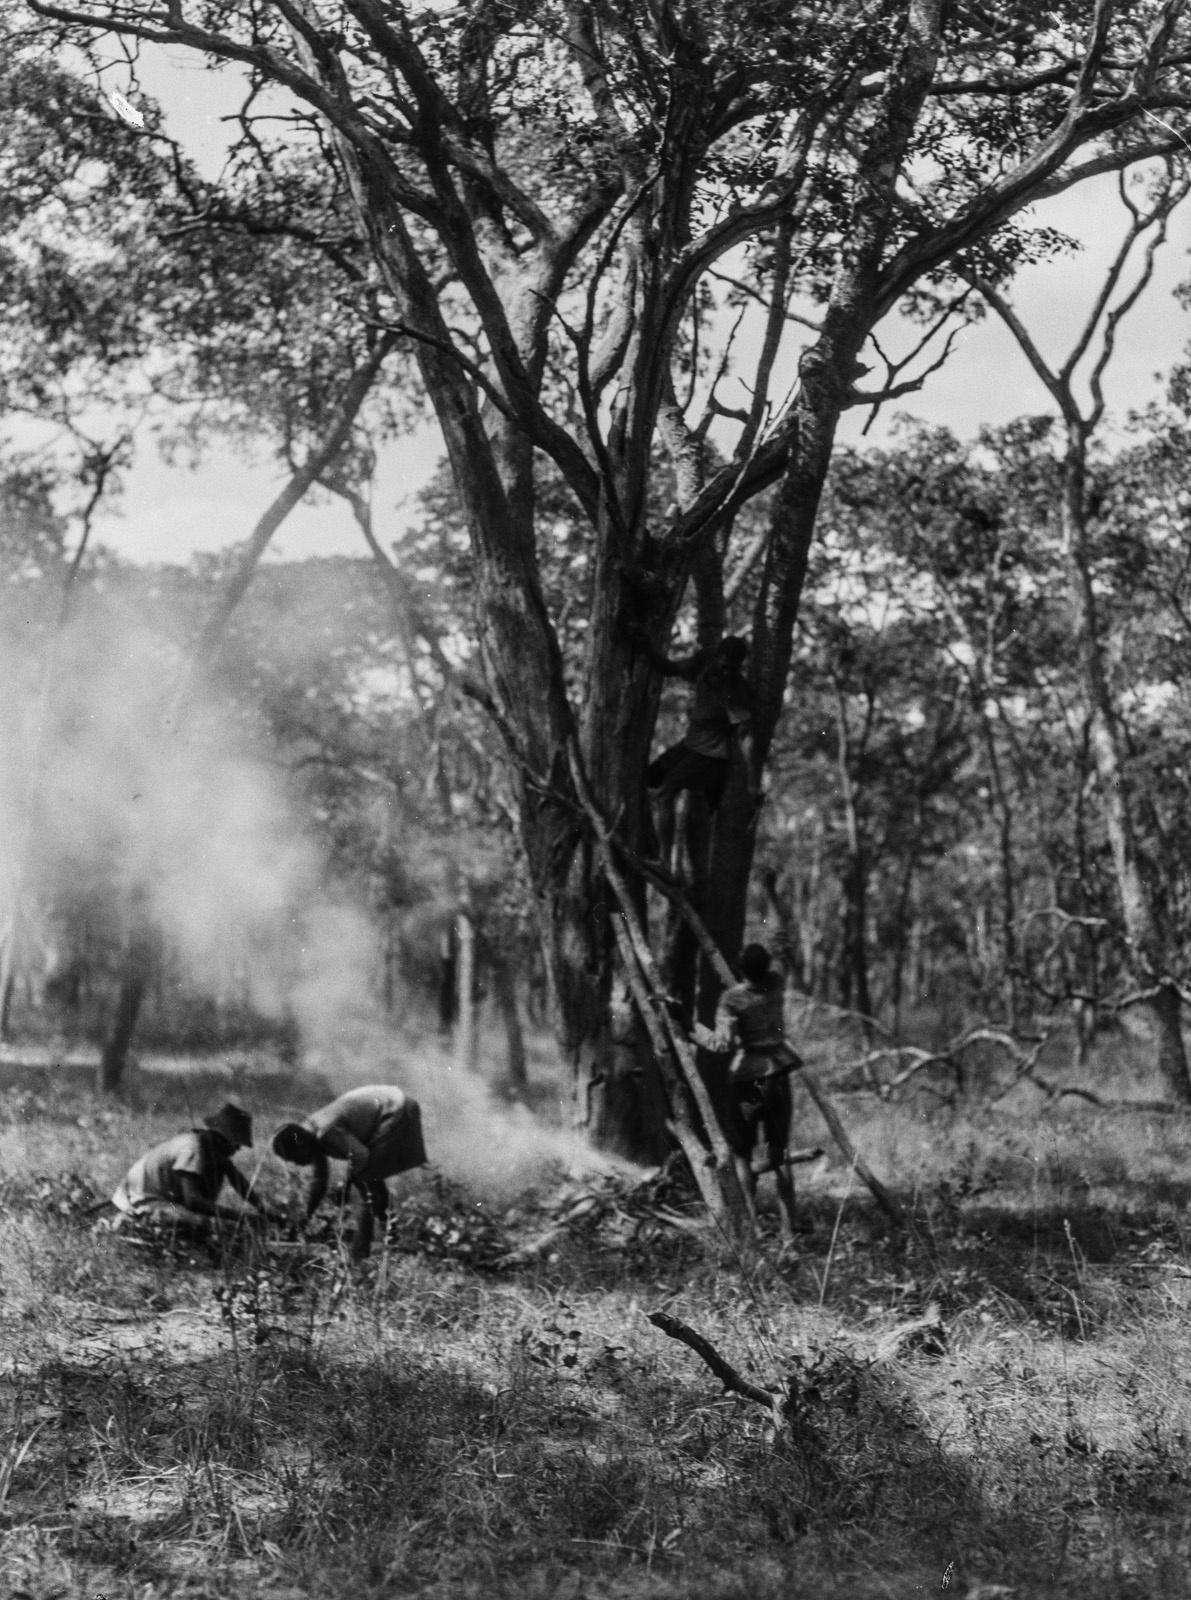 Касемпа. Мужчины народности кальвео пытаются опустошить гнездо диких пчел